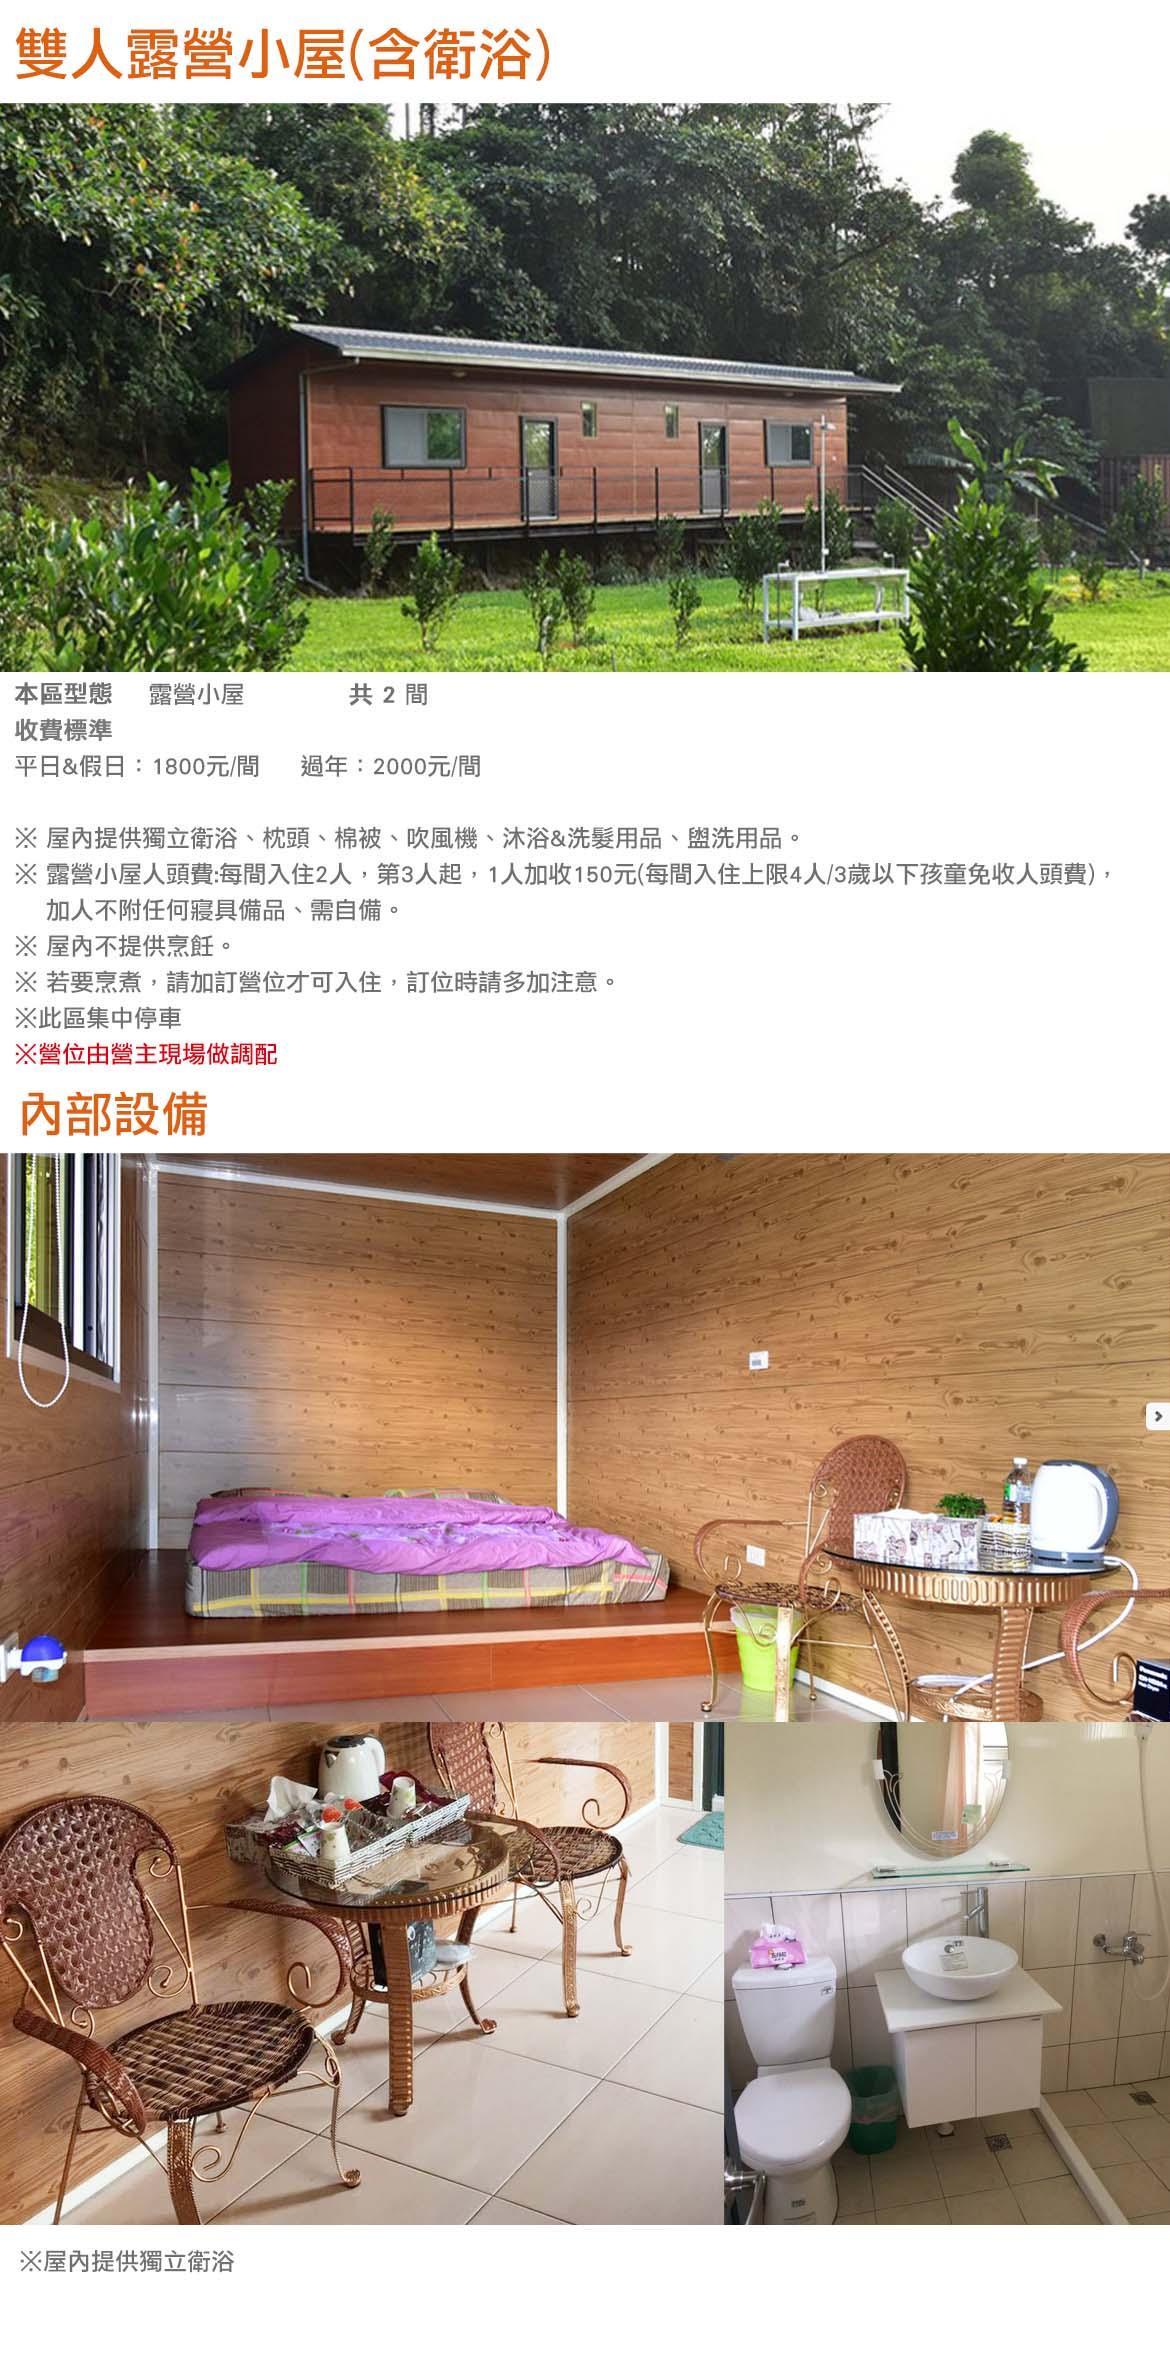 雙人露營小屋(含衛浴)(若要烹煮,請加訂營位)